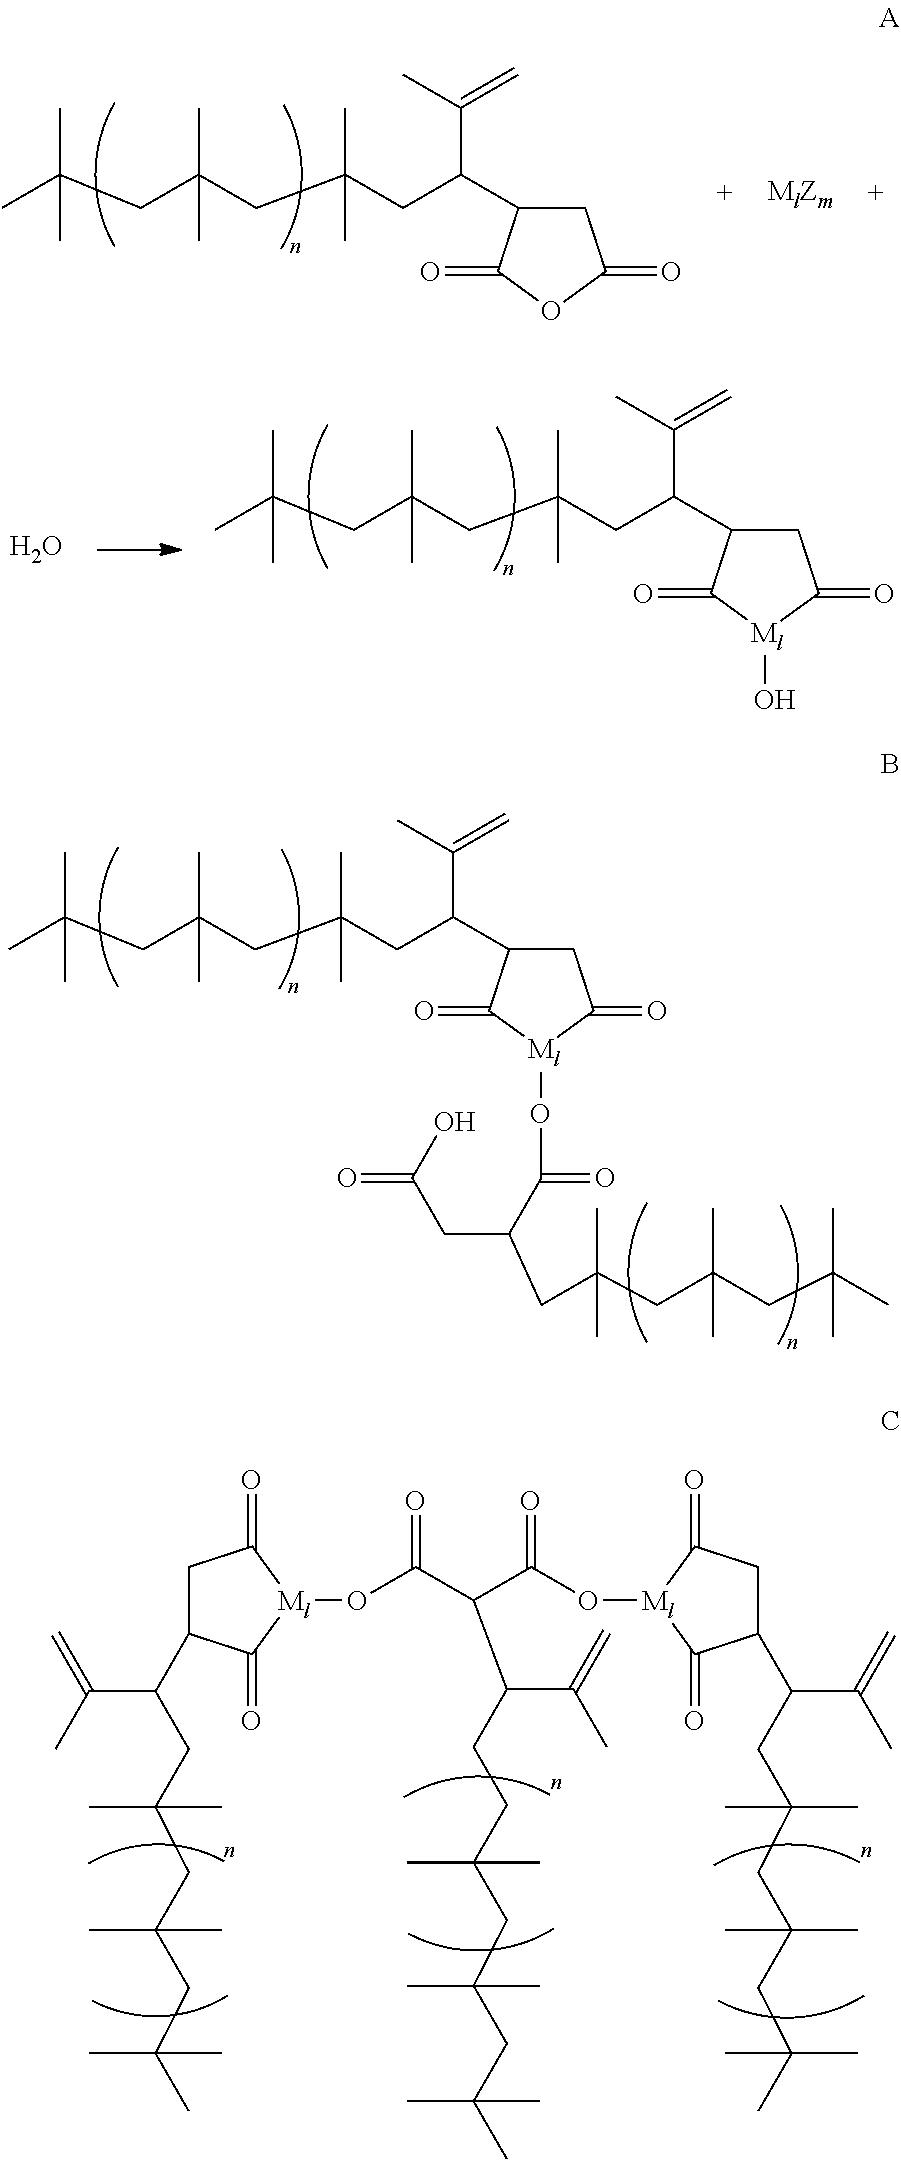 Figure US20110098378A1-20110428-C00003